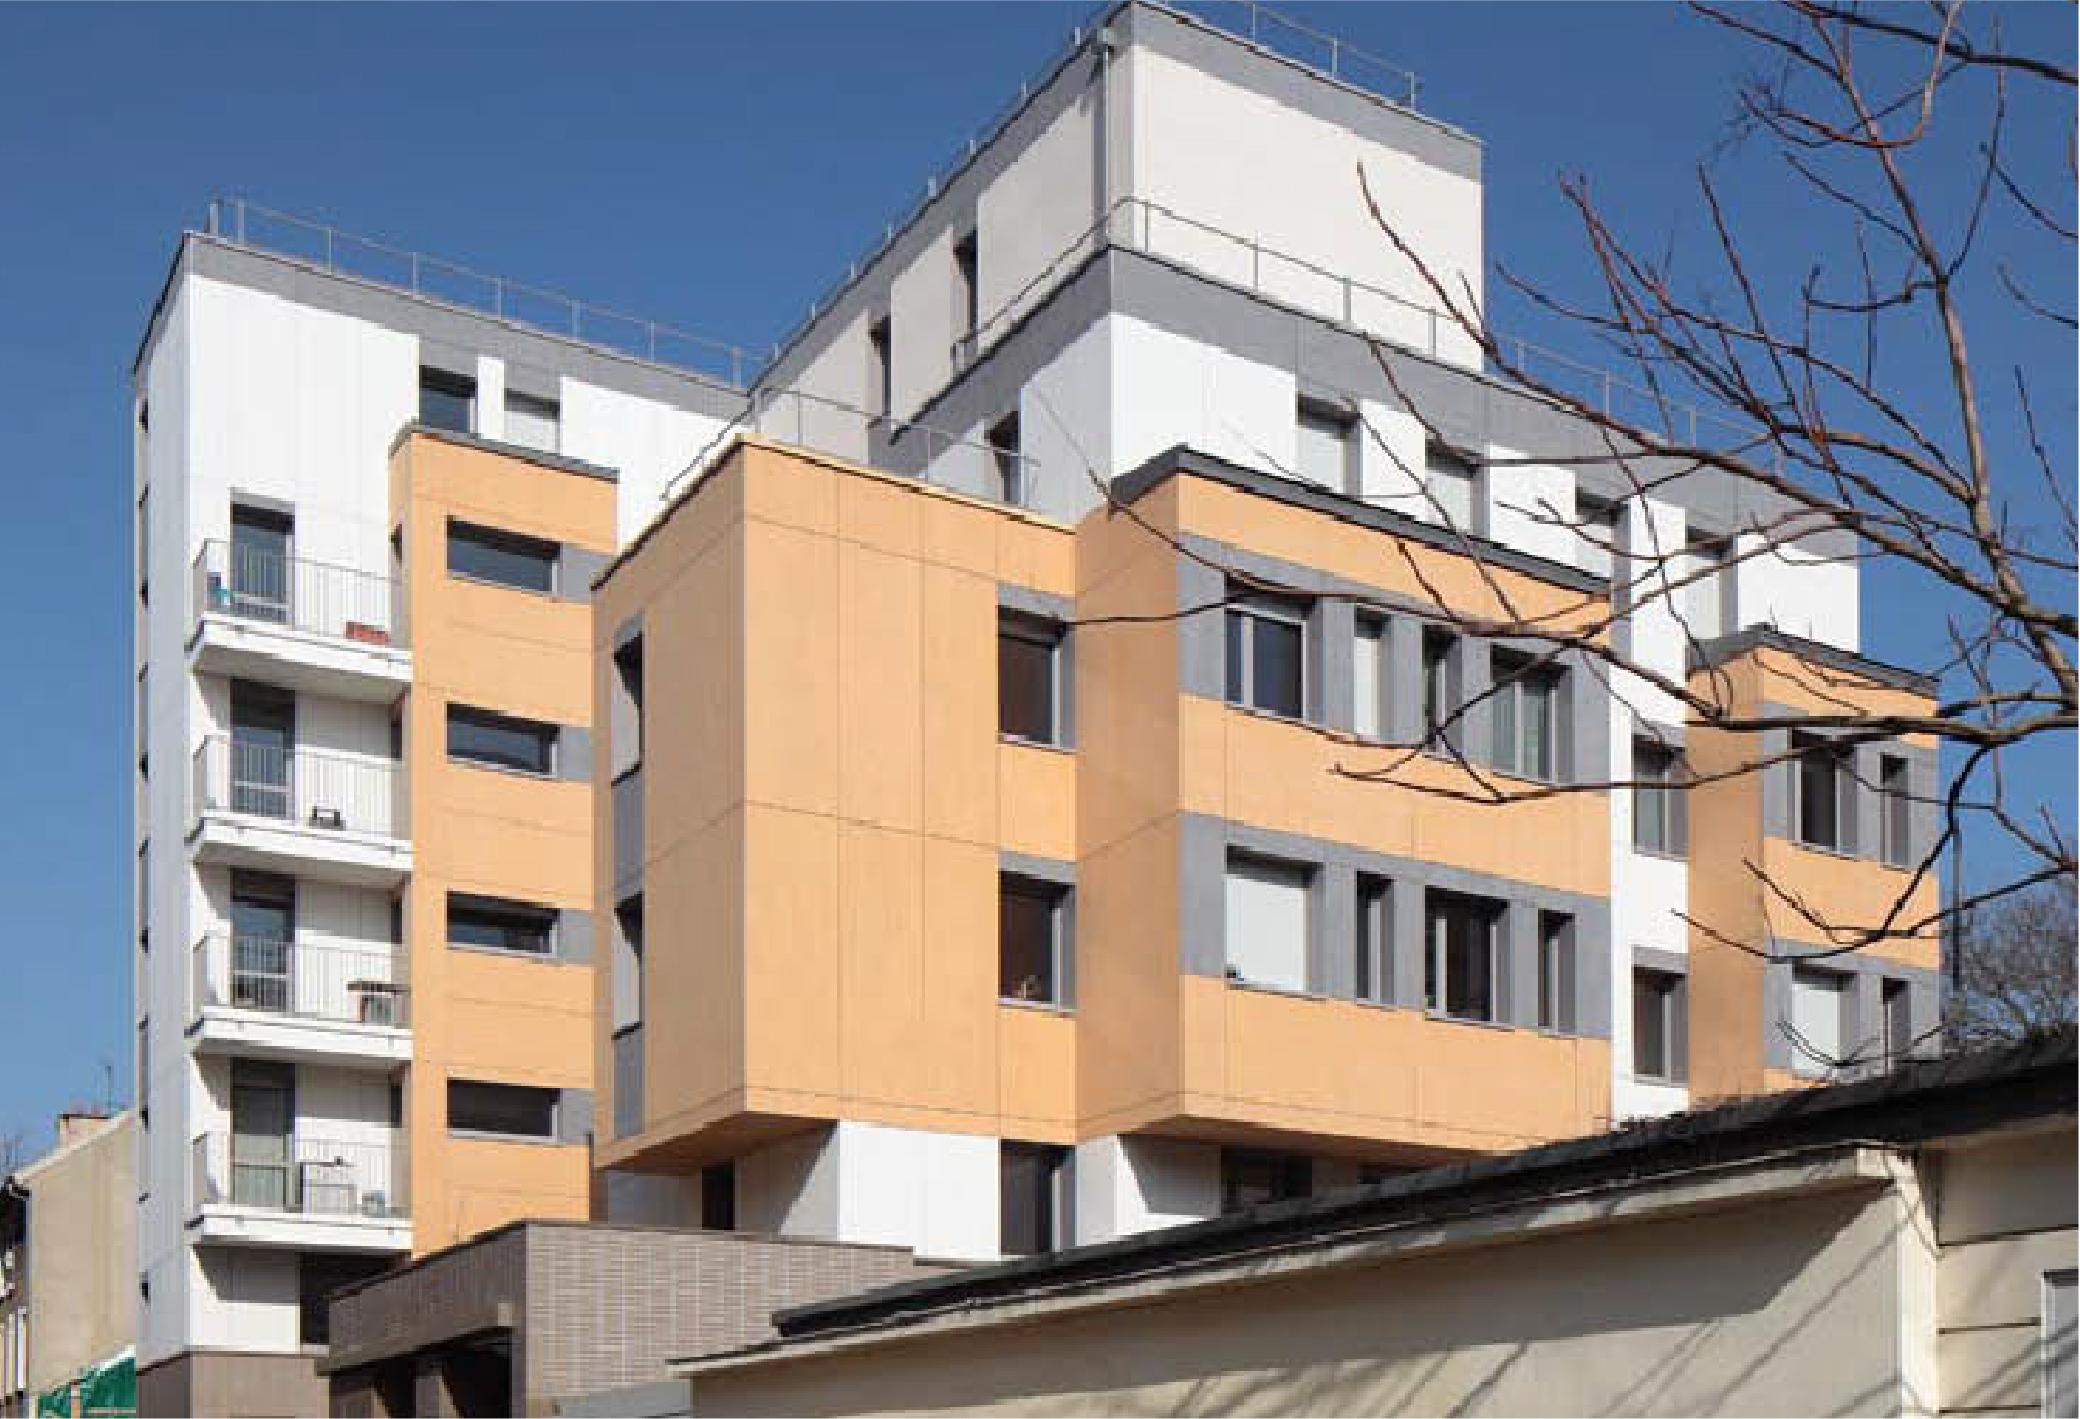 Projet foyer Montreuil Maison des Babayagas par Atelier JS Tabet